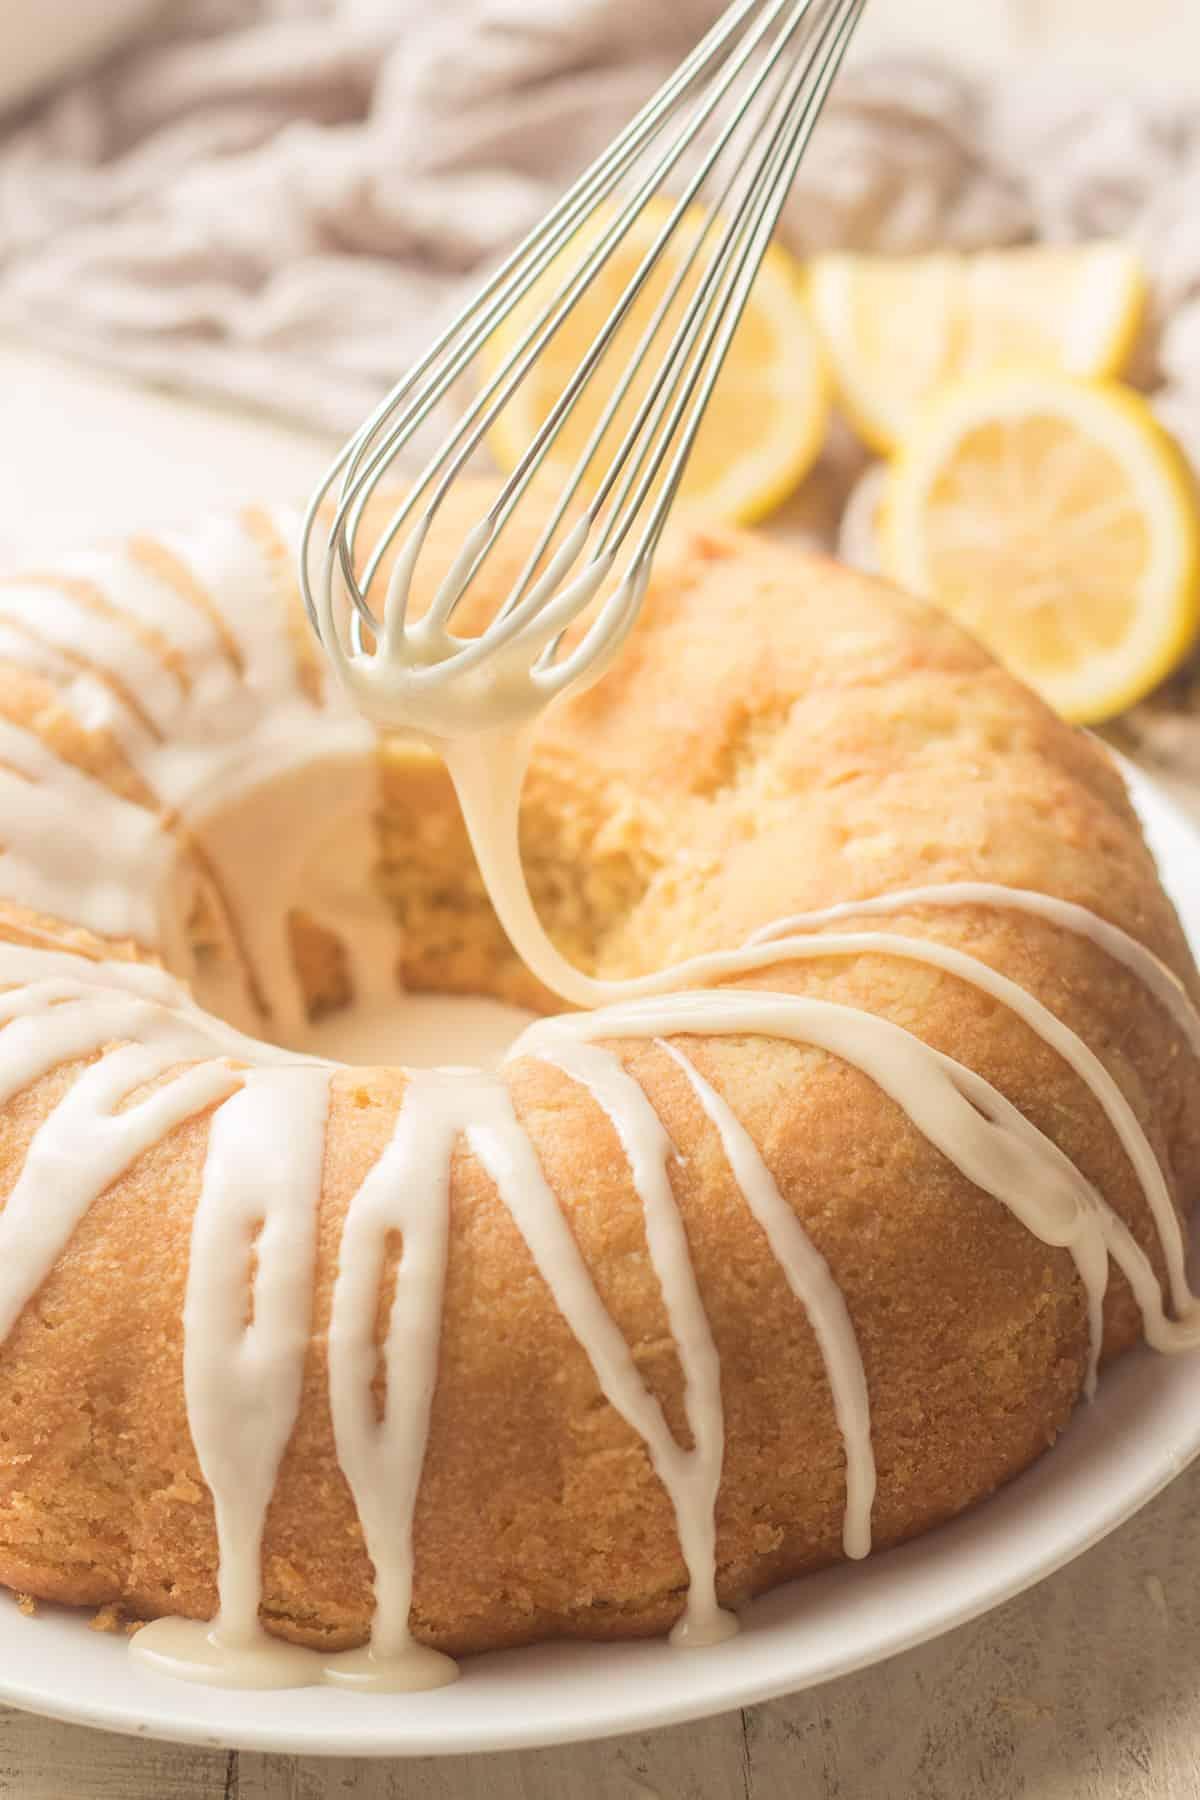 Whisk Drizzling Glaze Over a Vegan Lemon Bundt Cake